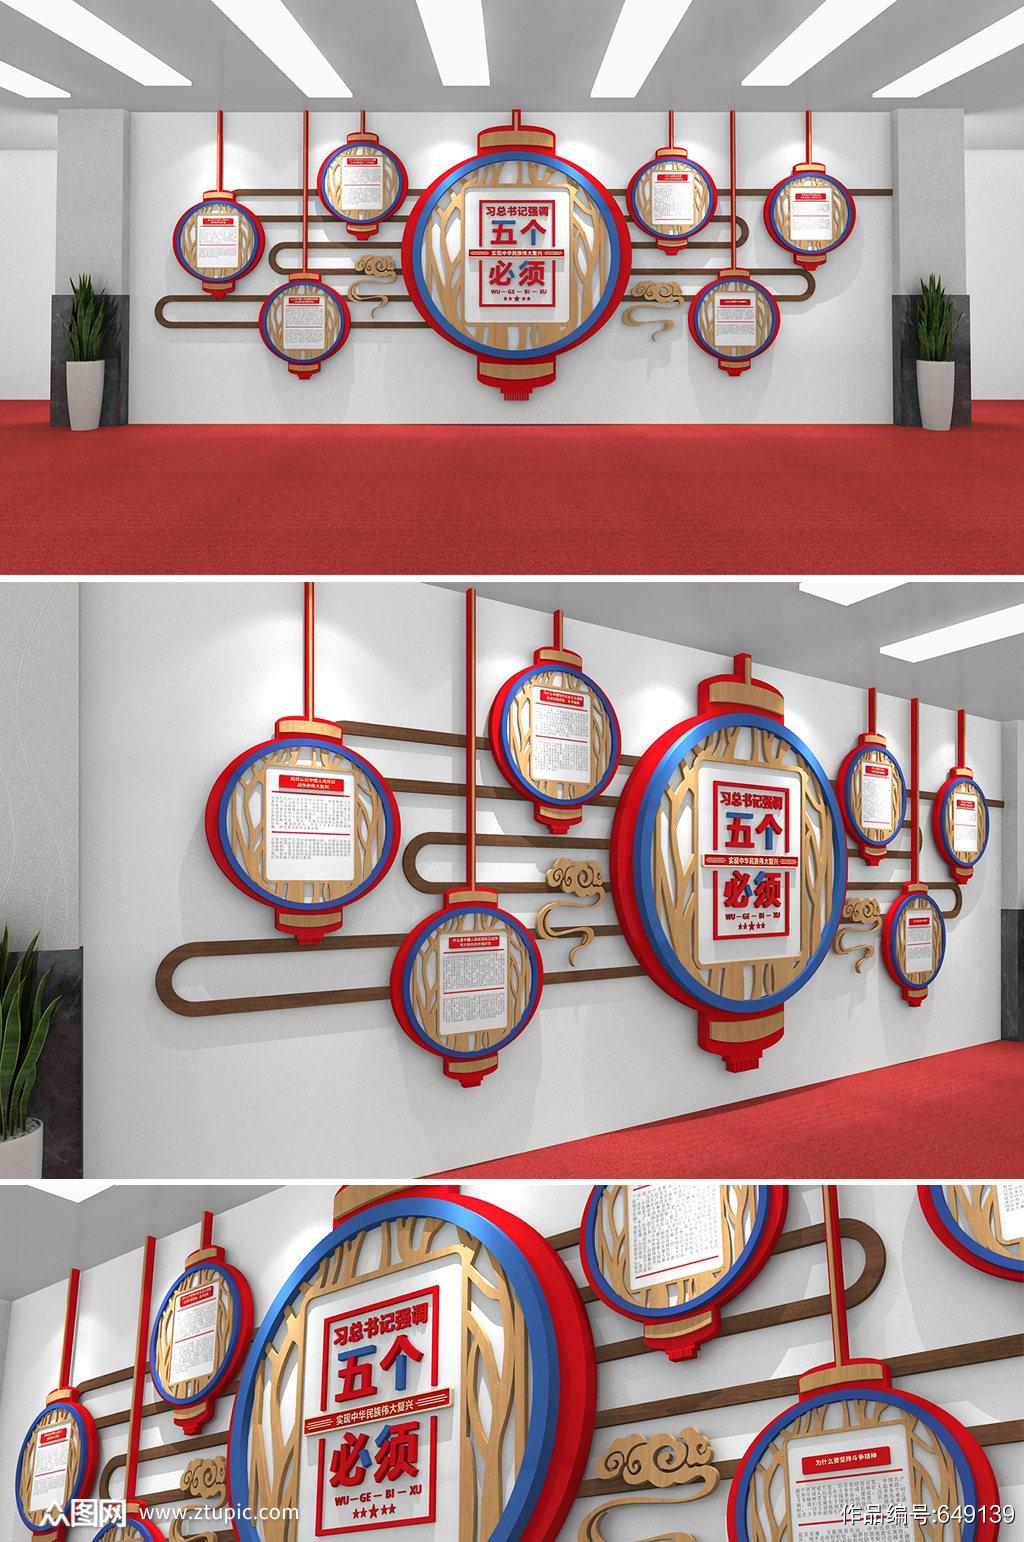 红色创意灯笼五个必须党建文化墙素材